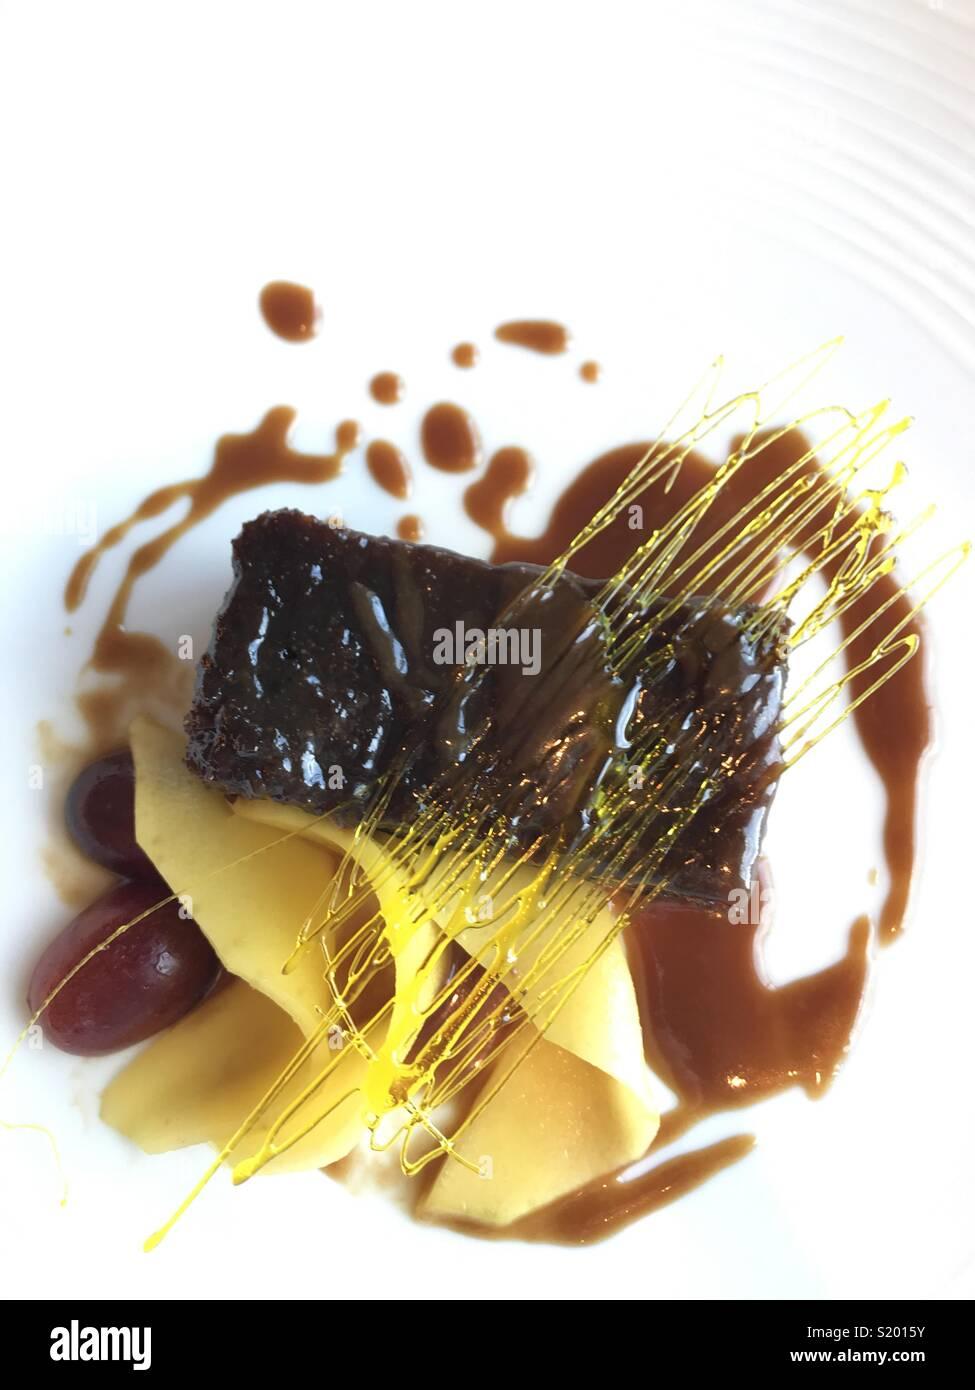 Joliment présentée de dessert au caramel avec du sucre et des fruits décoration spin Photo Stock